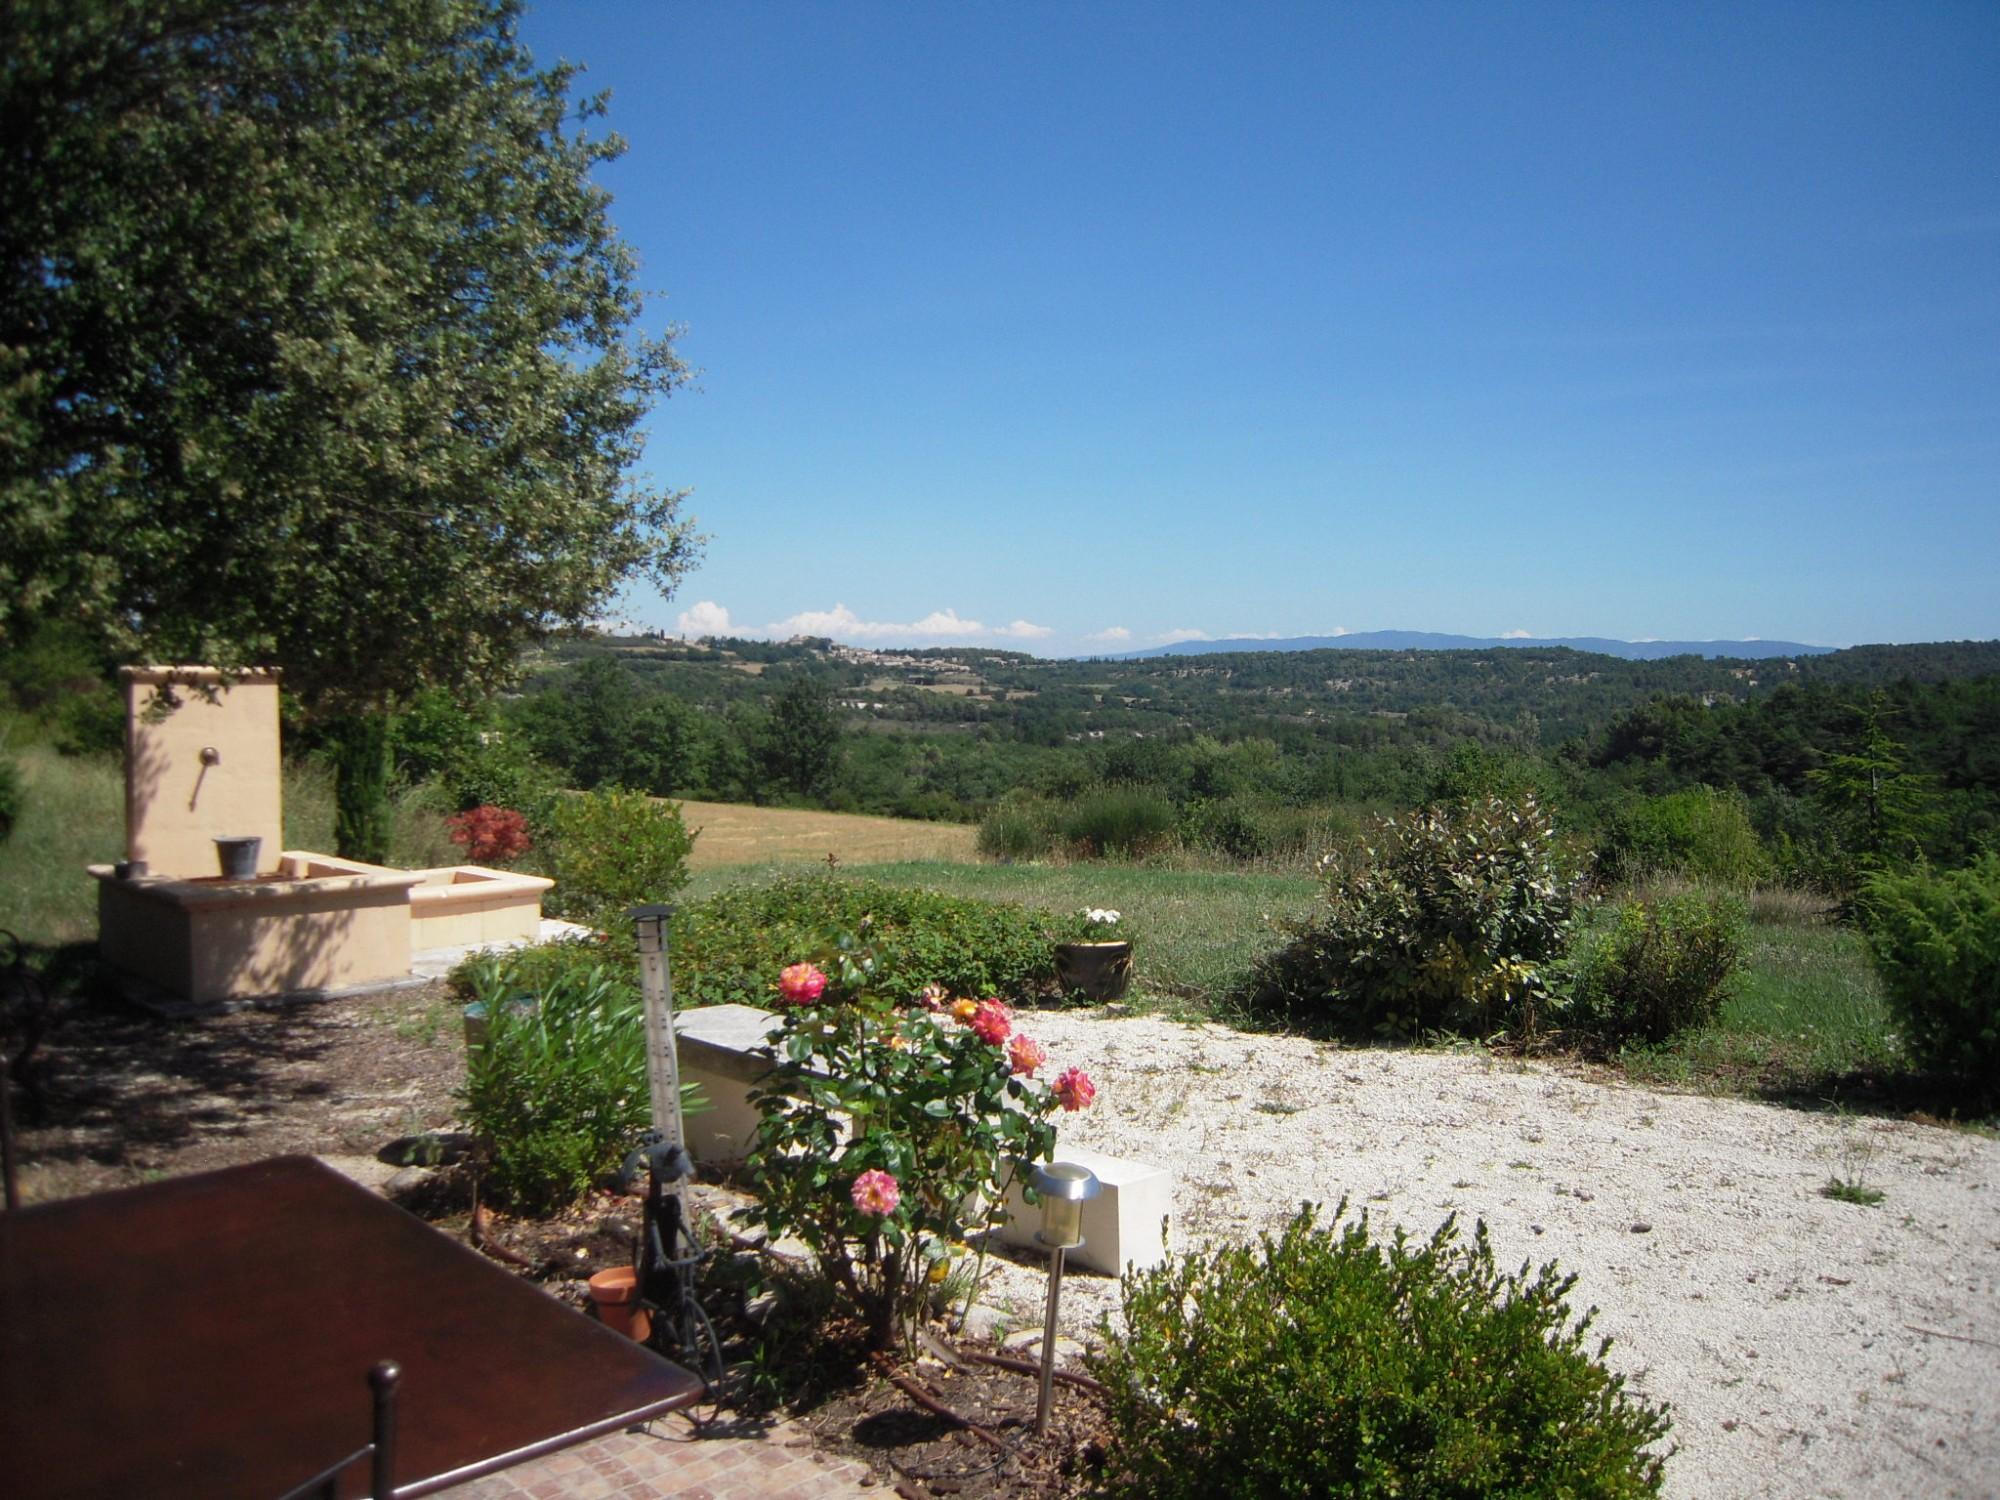 A vendre en Provence, bastide avec dépendances et vue dominante sur le Luberon